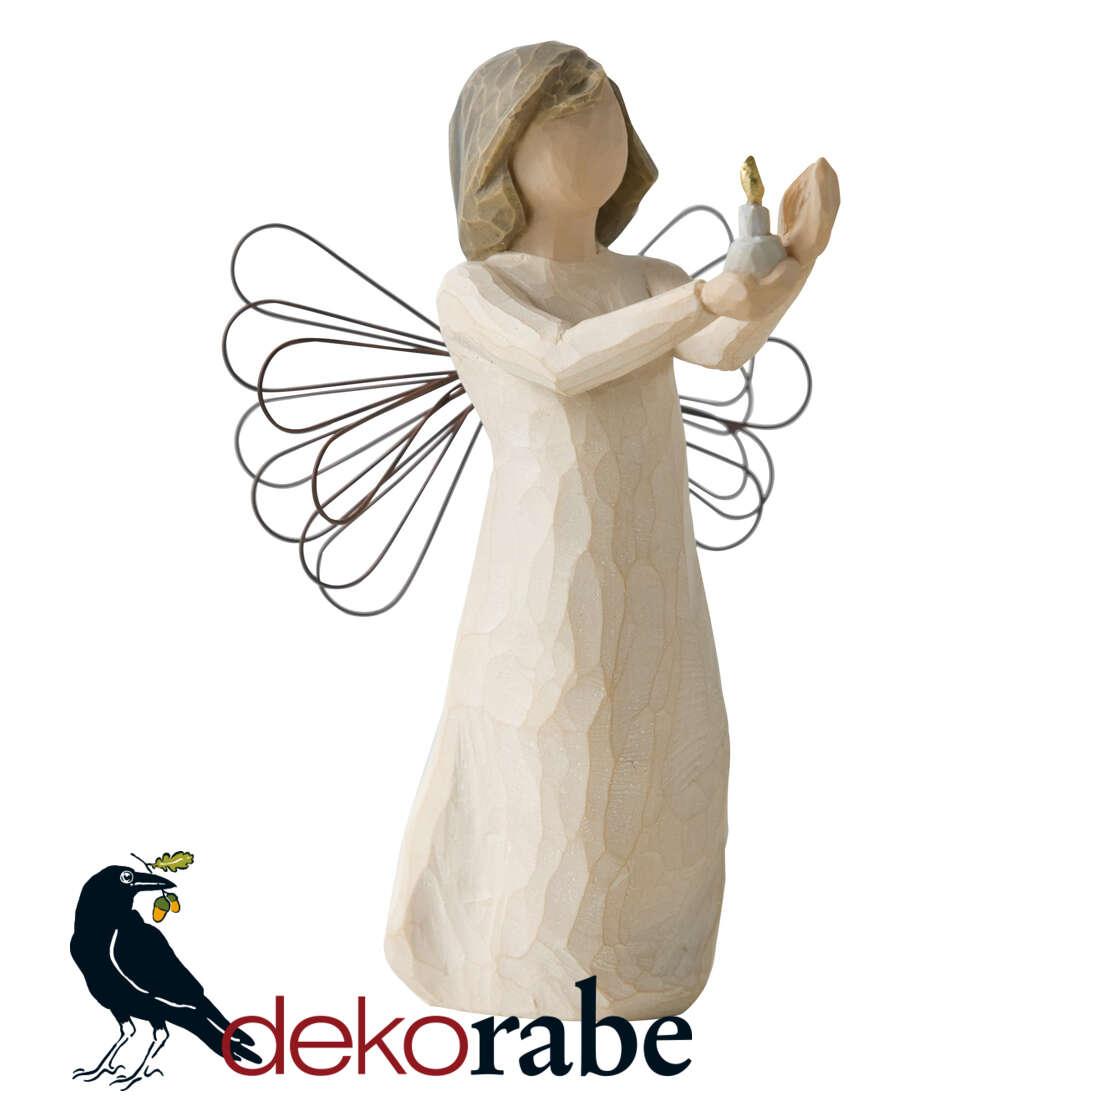 Engel der Hoffnung Krippefigur